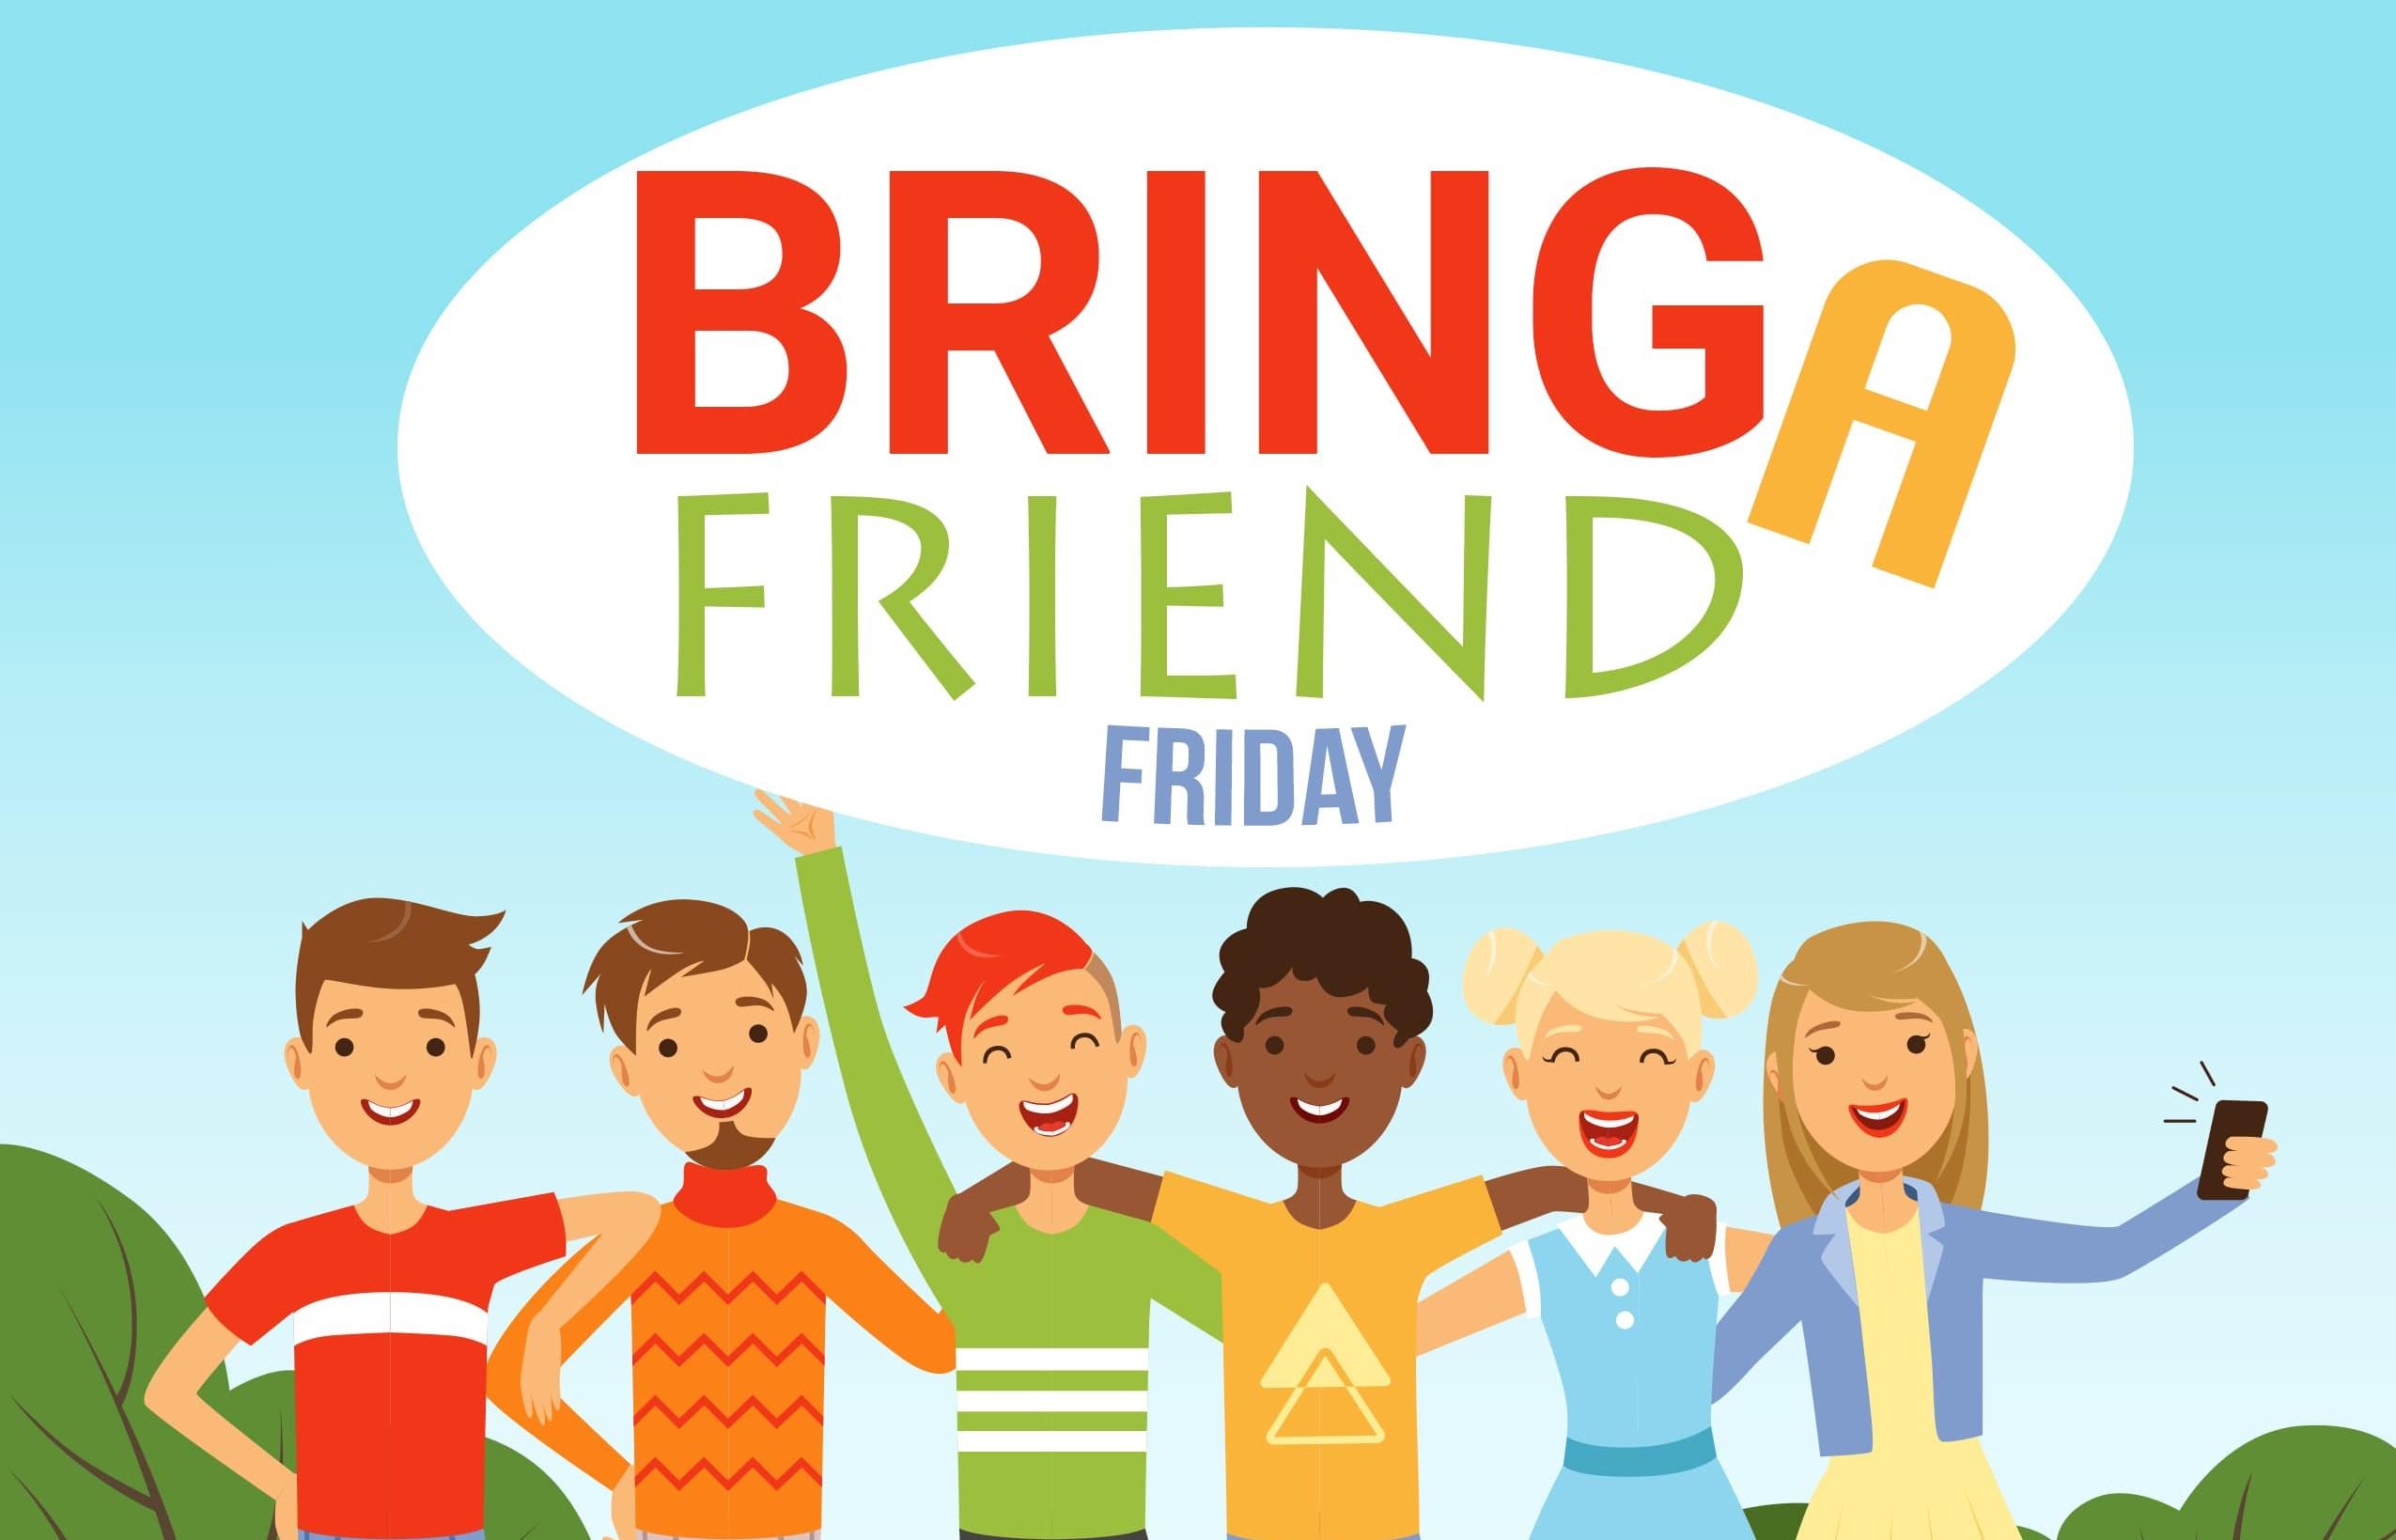 Bring A Friend Friday.